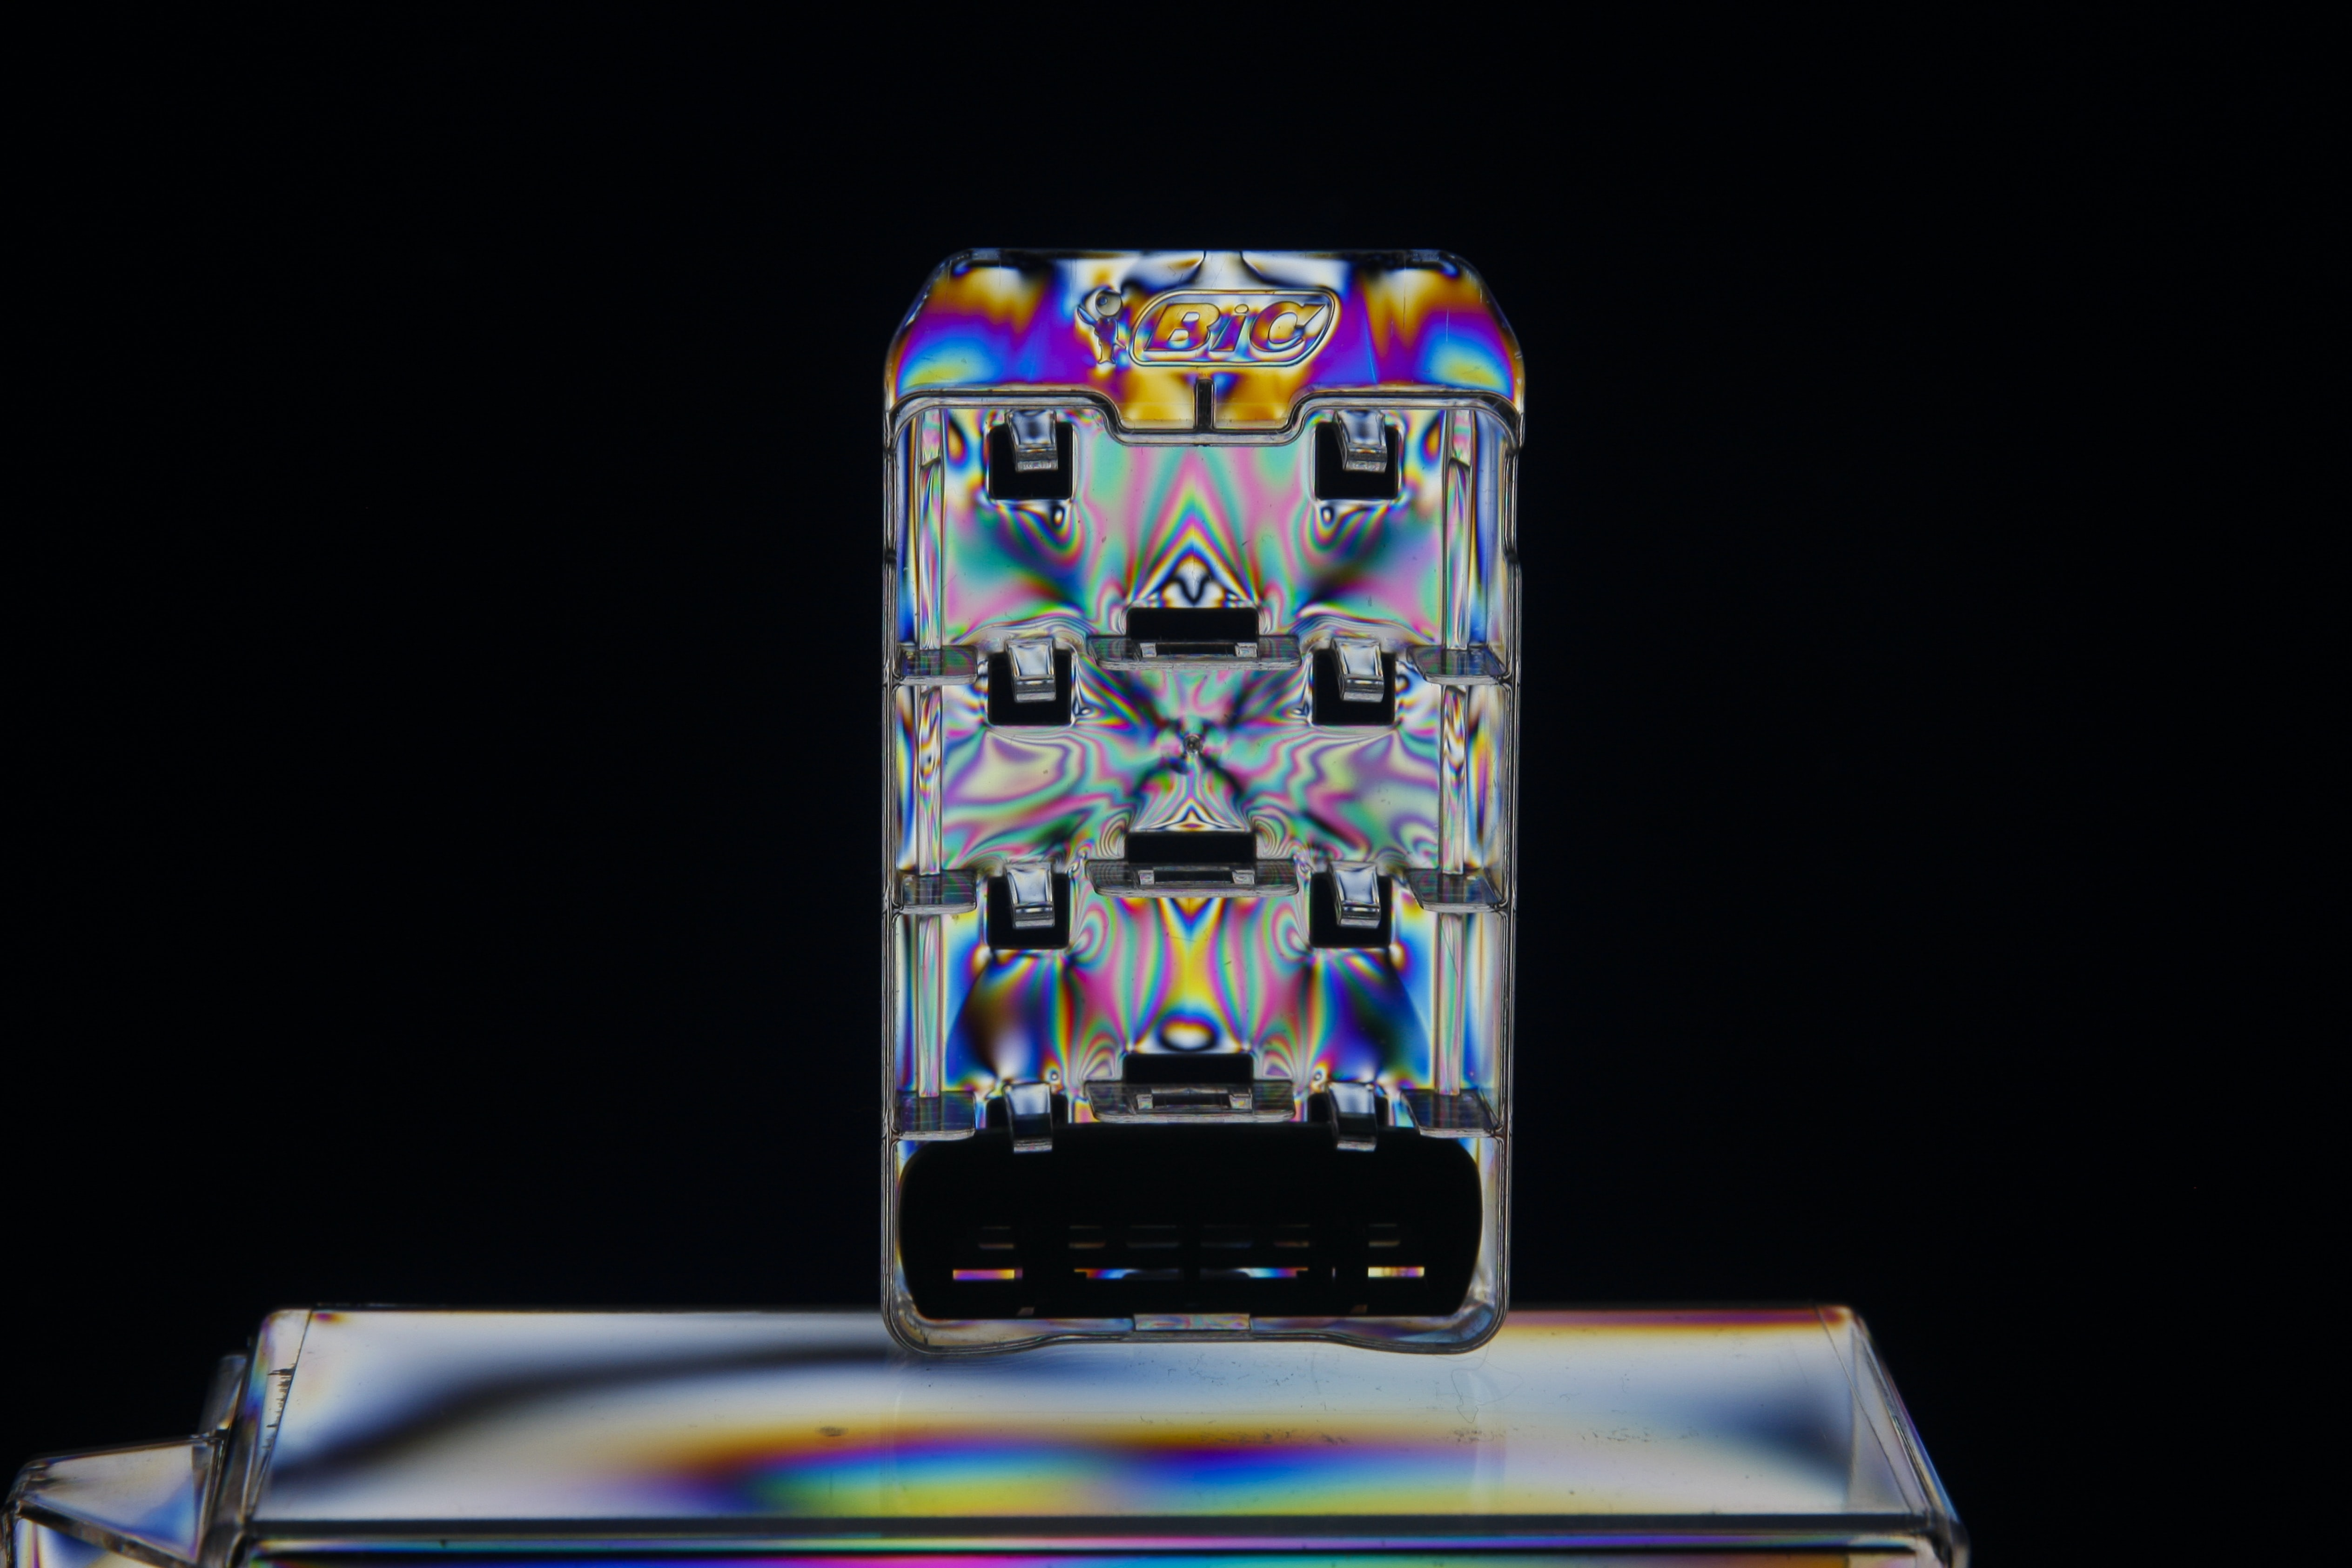 rectangular iridescent case